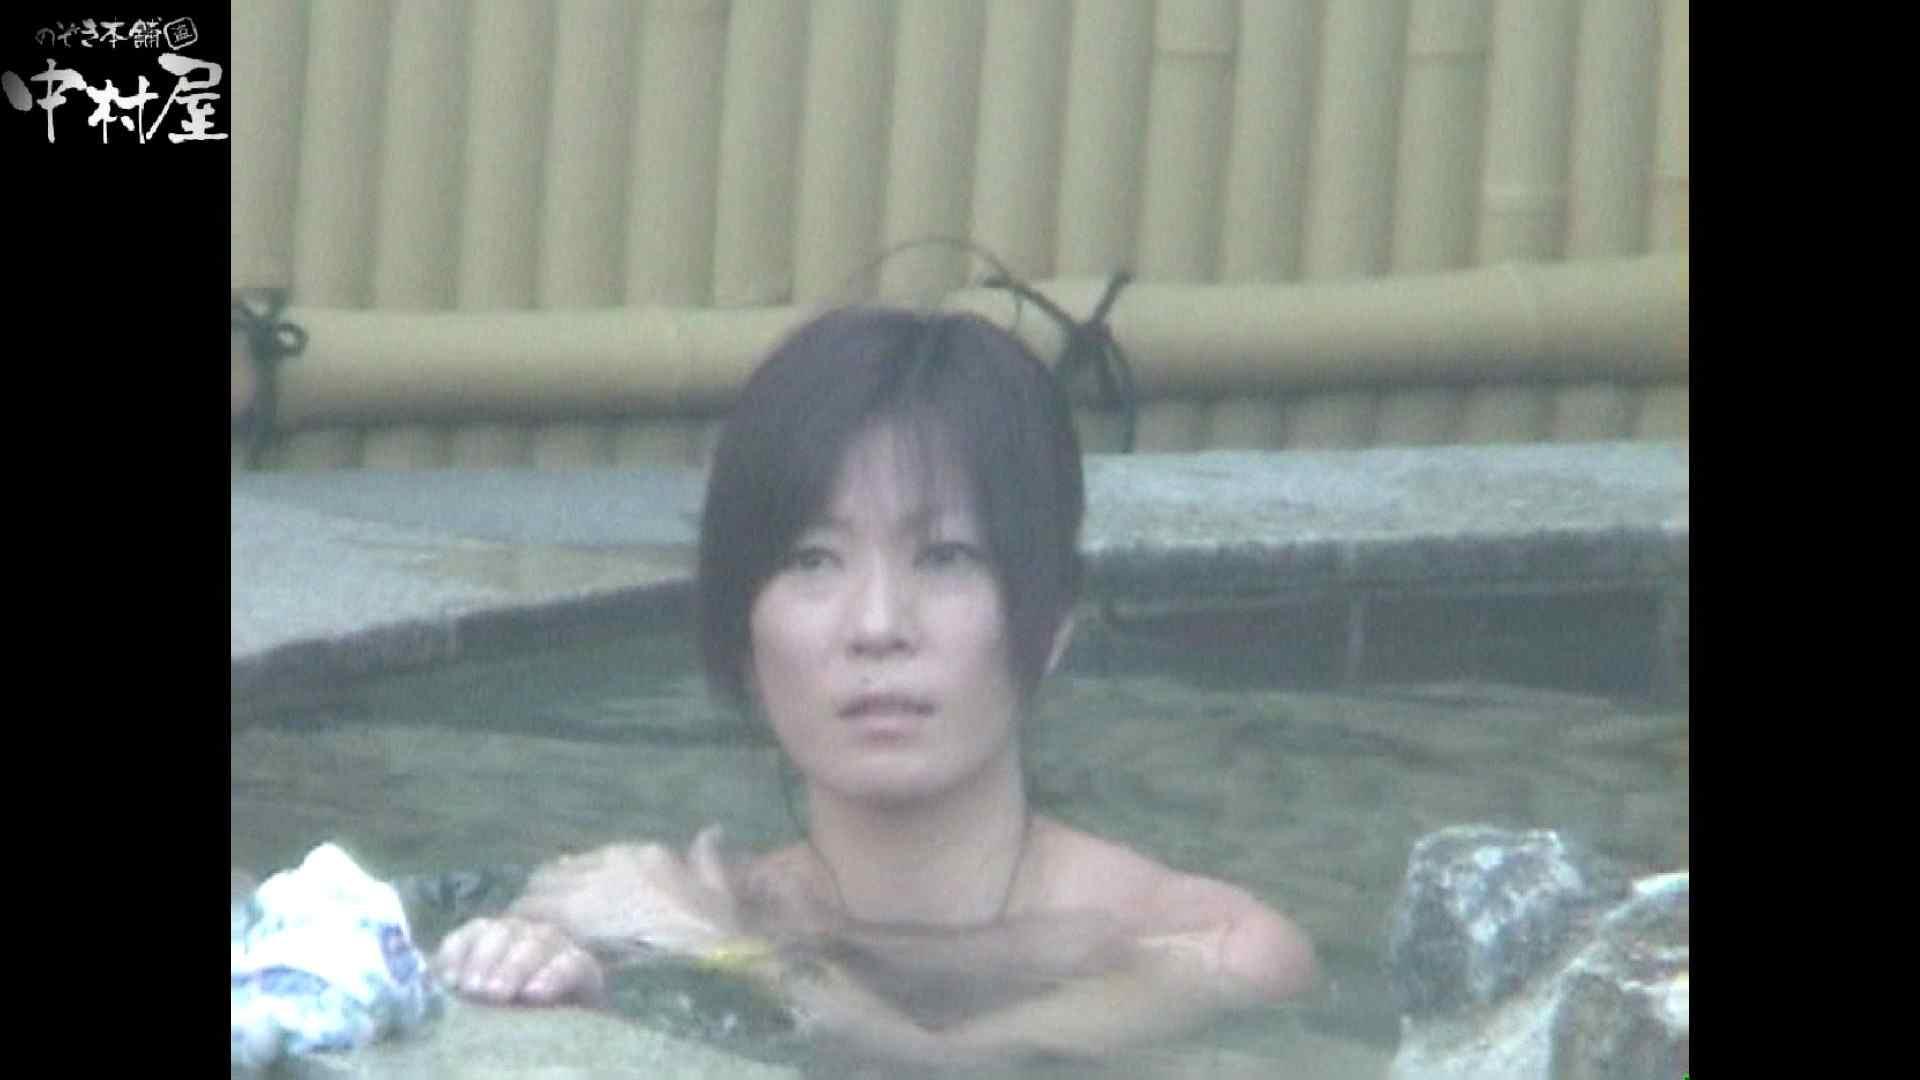 Aquaな露天風呂Vol.972 OLのエロ生活  105連発 81